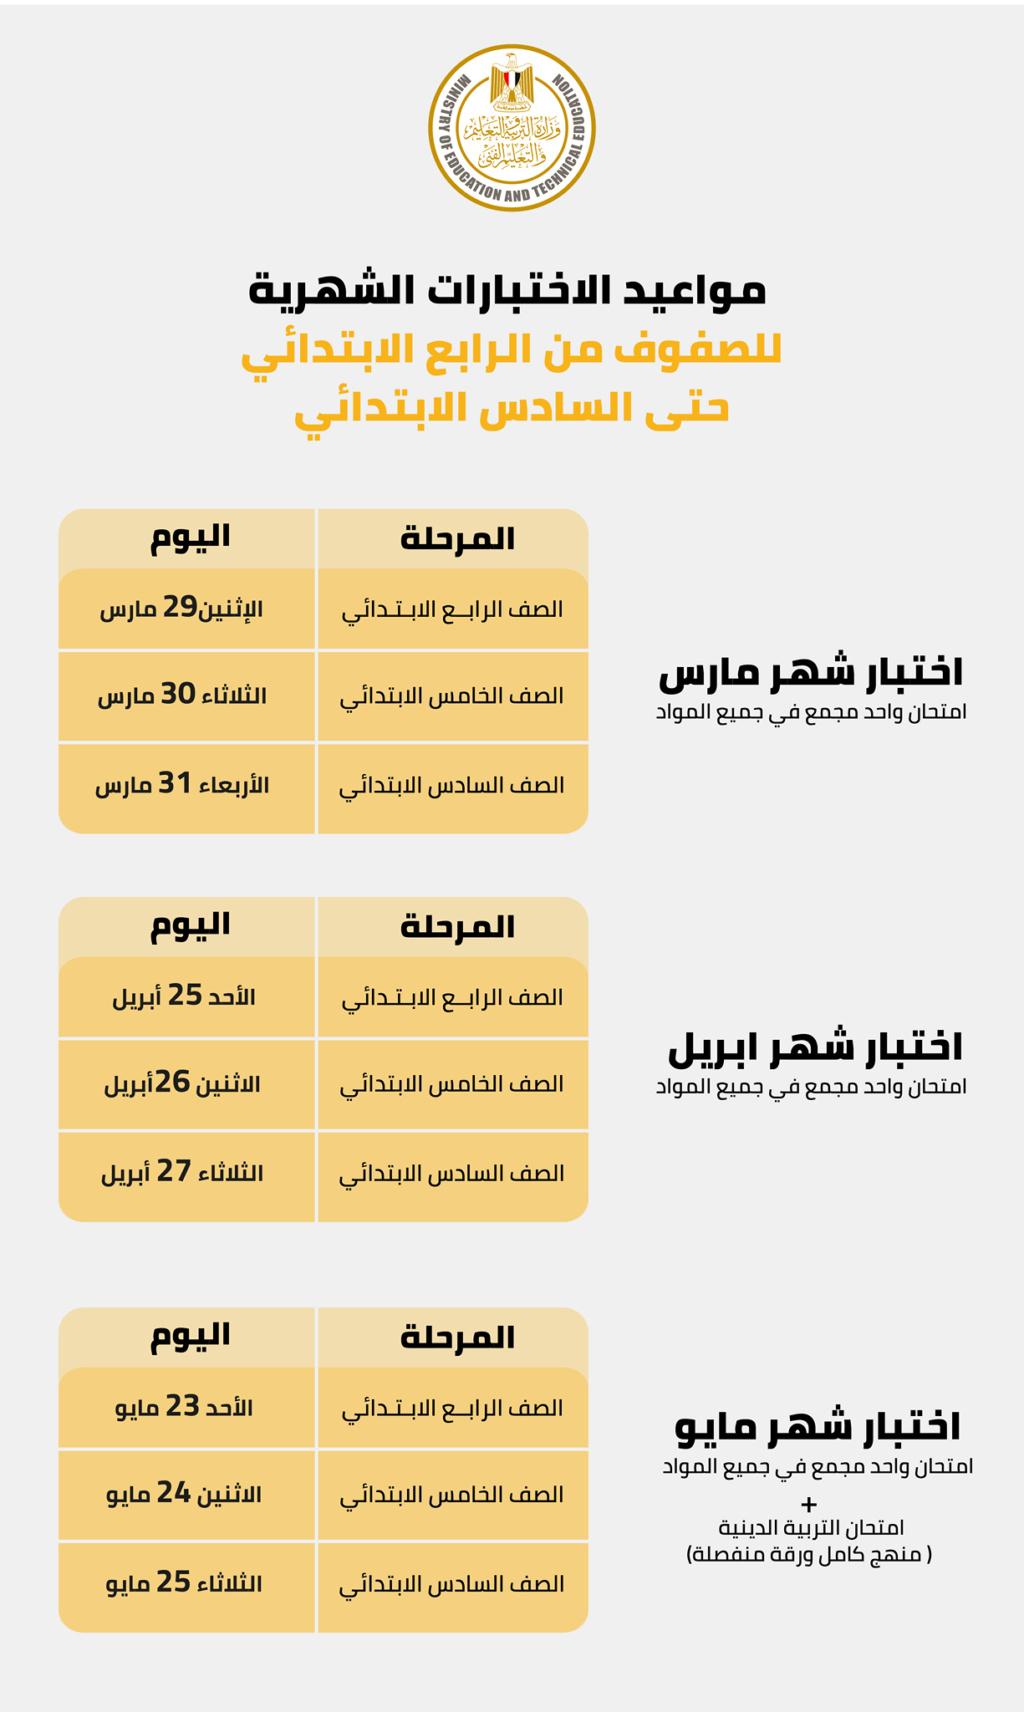 التعليم امتحان التربية الدينية في نهاية الفصل الدراسي الثاني بالتزامن مع امتحان شهر مايو 2021 بالإضافة للتربية الفنية و الحاسب الألى لصفوف نقل إعدادى 15833610